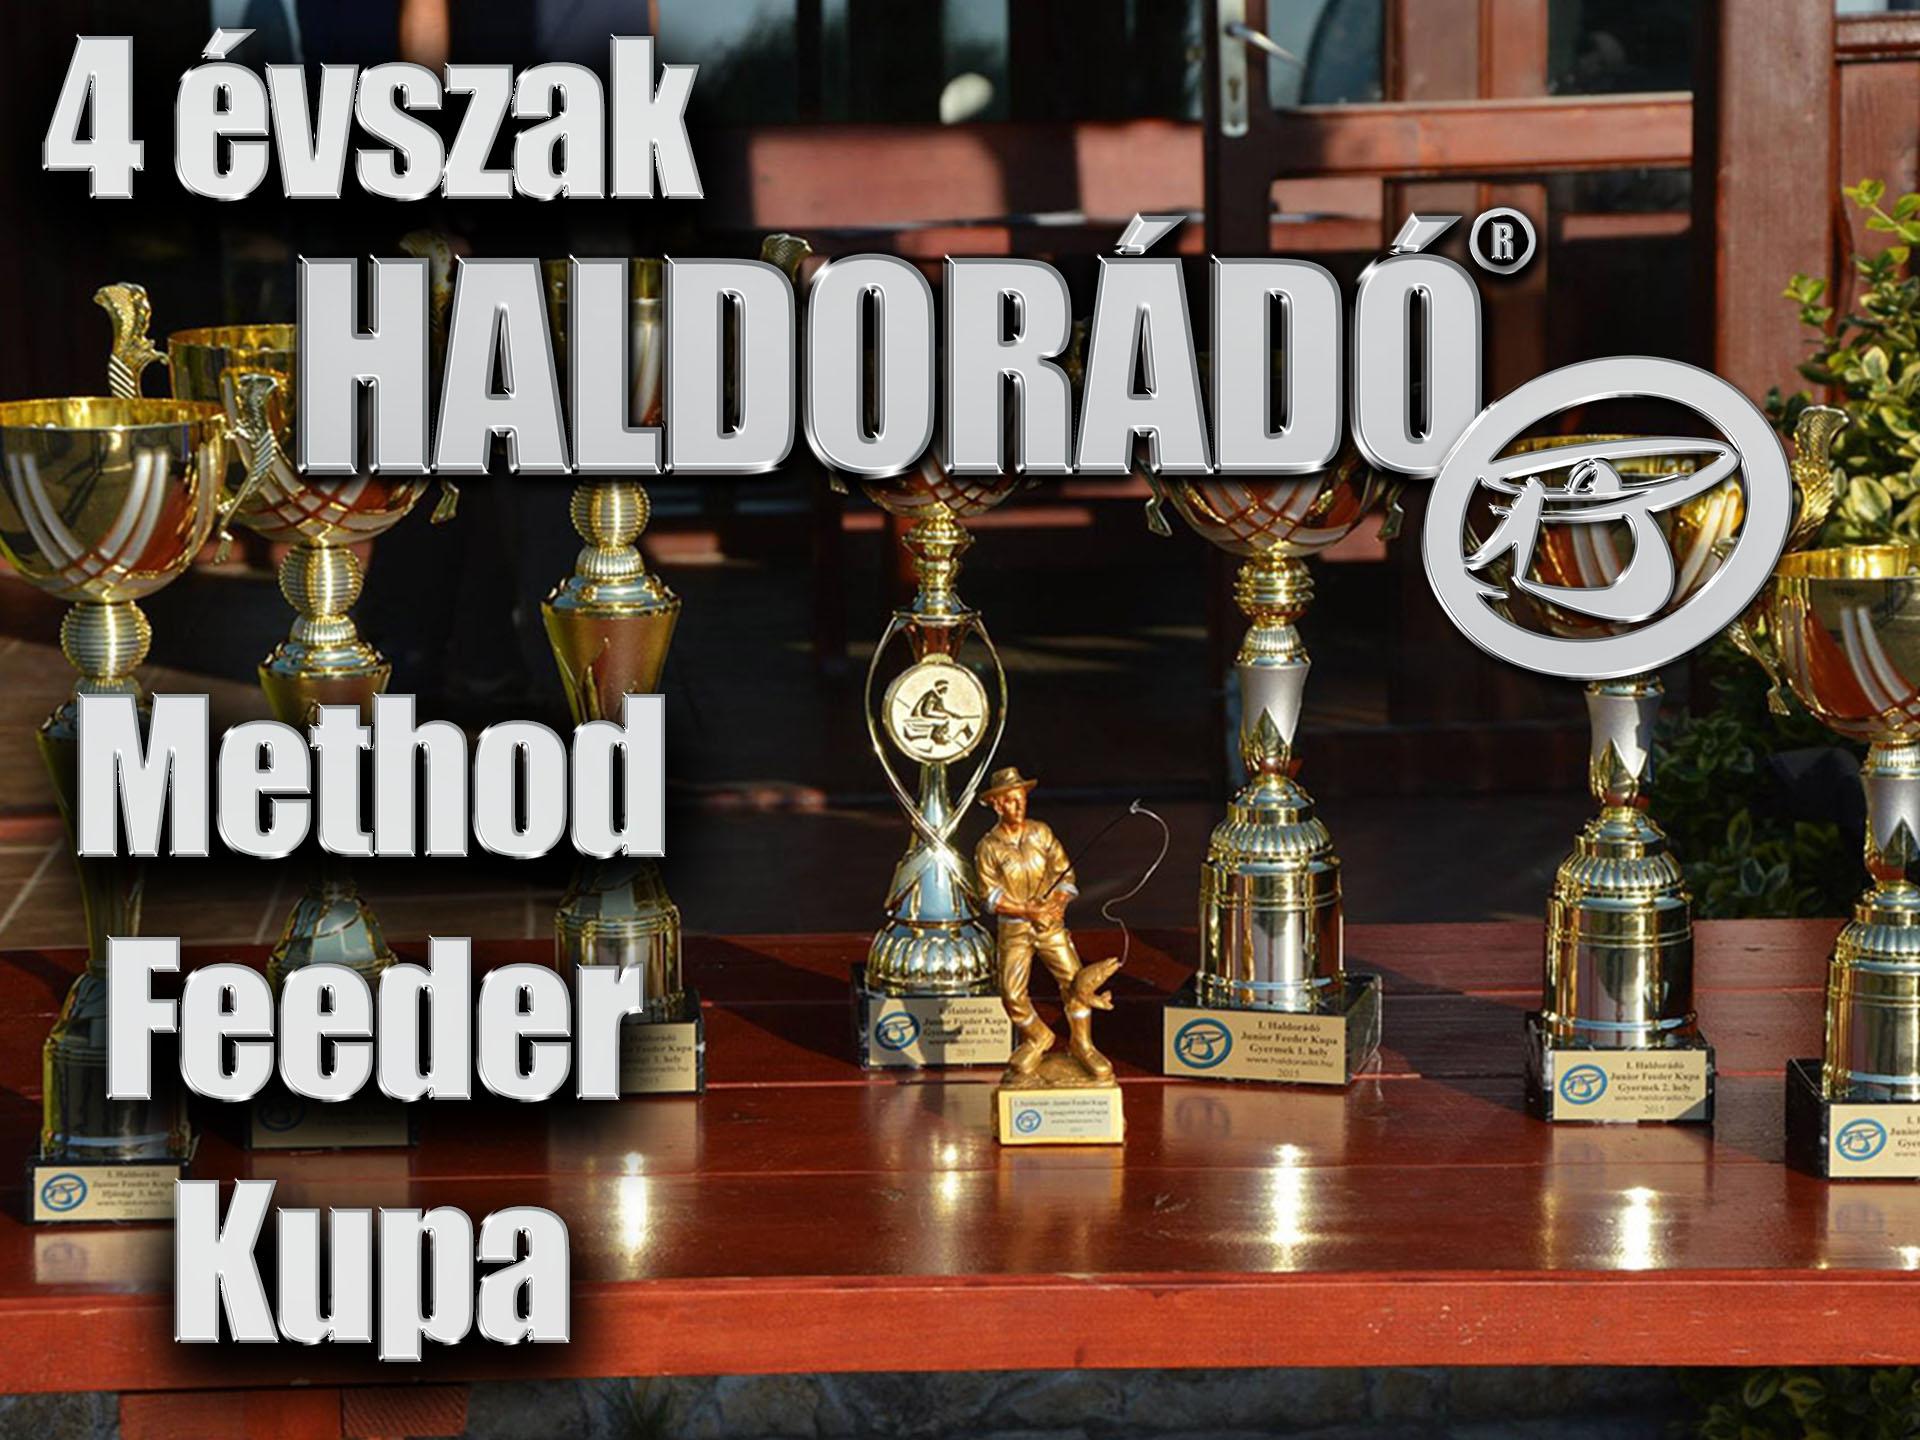 4 évszak Haldorádó Method Feeder Kupa versenysorozat kiírás